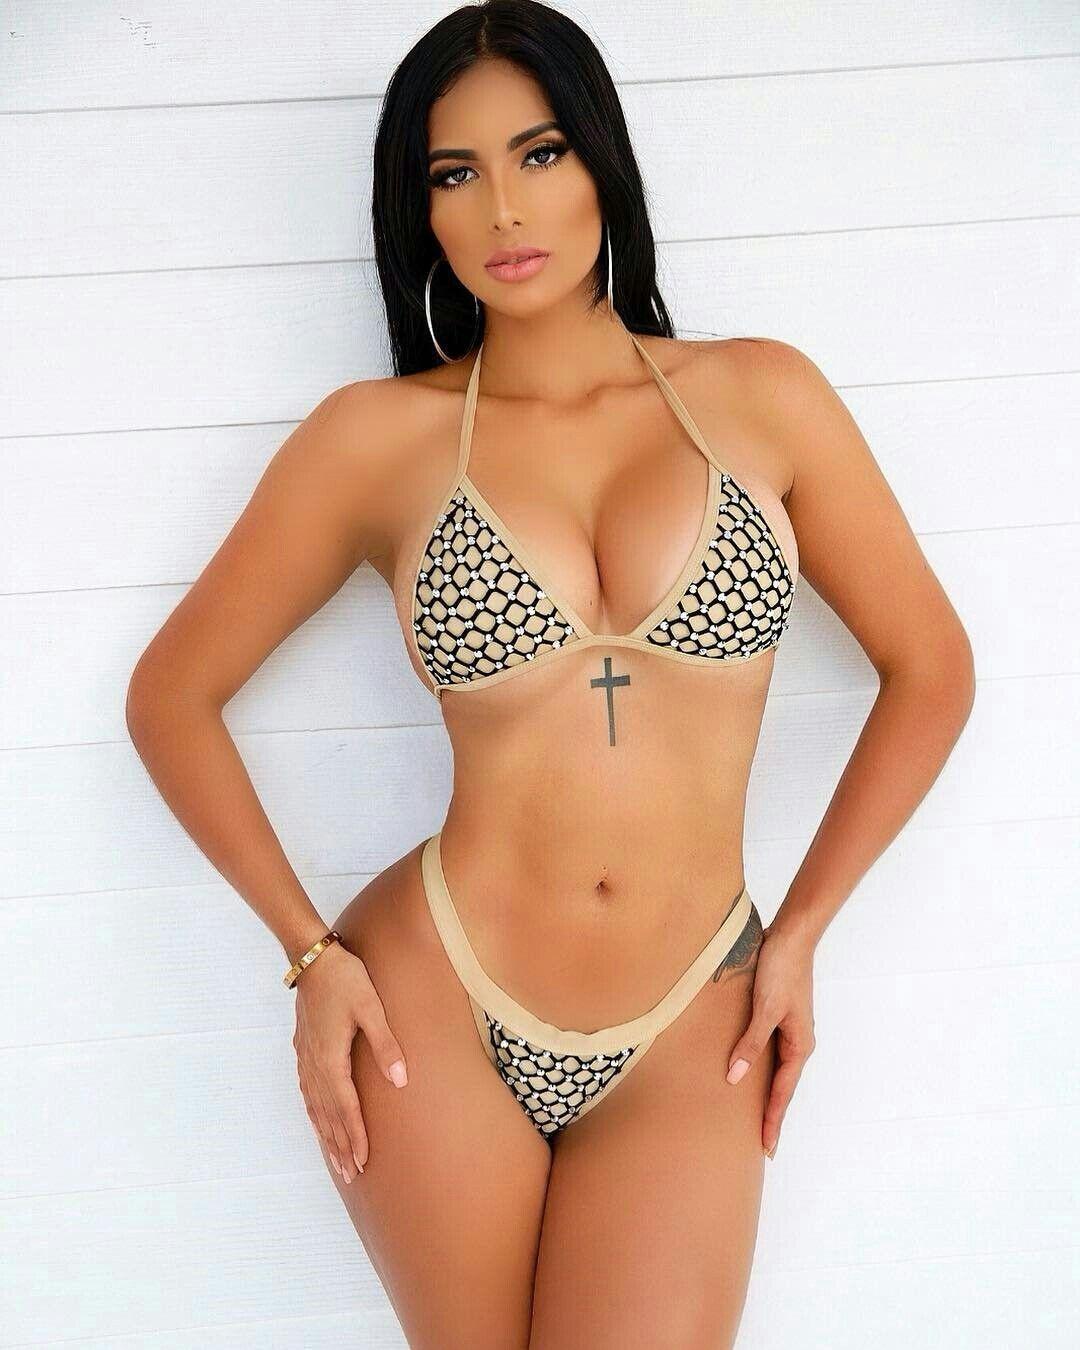 Chicas BikiniBella BikiniY Frente En Lenceria 0w8nPymNOv